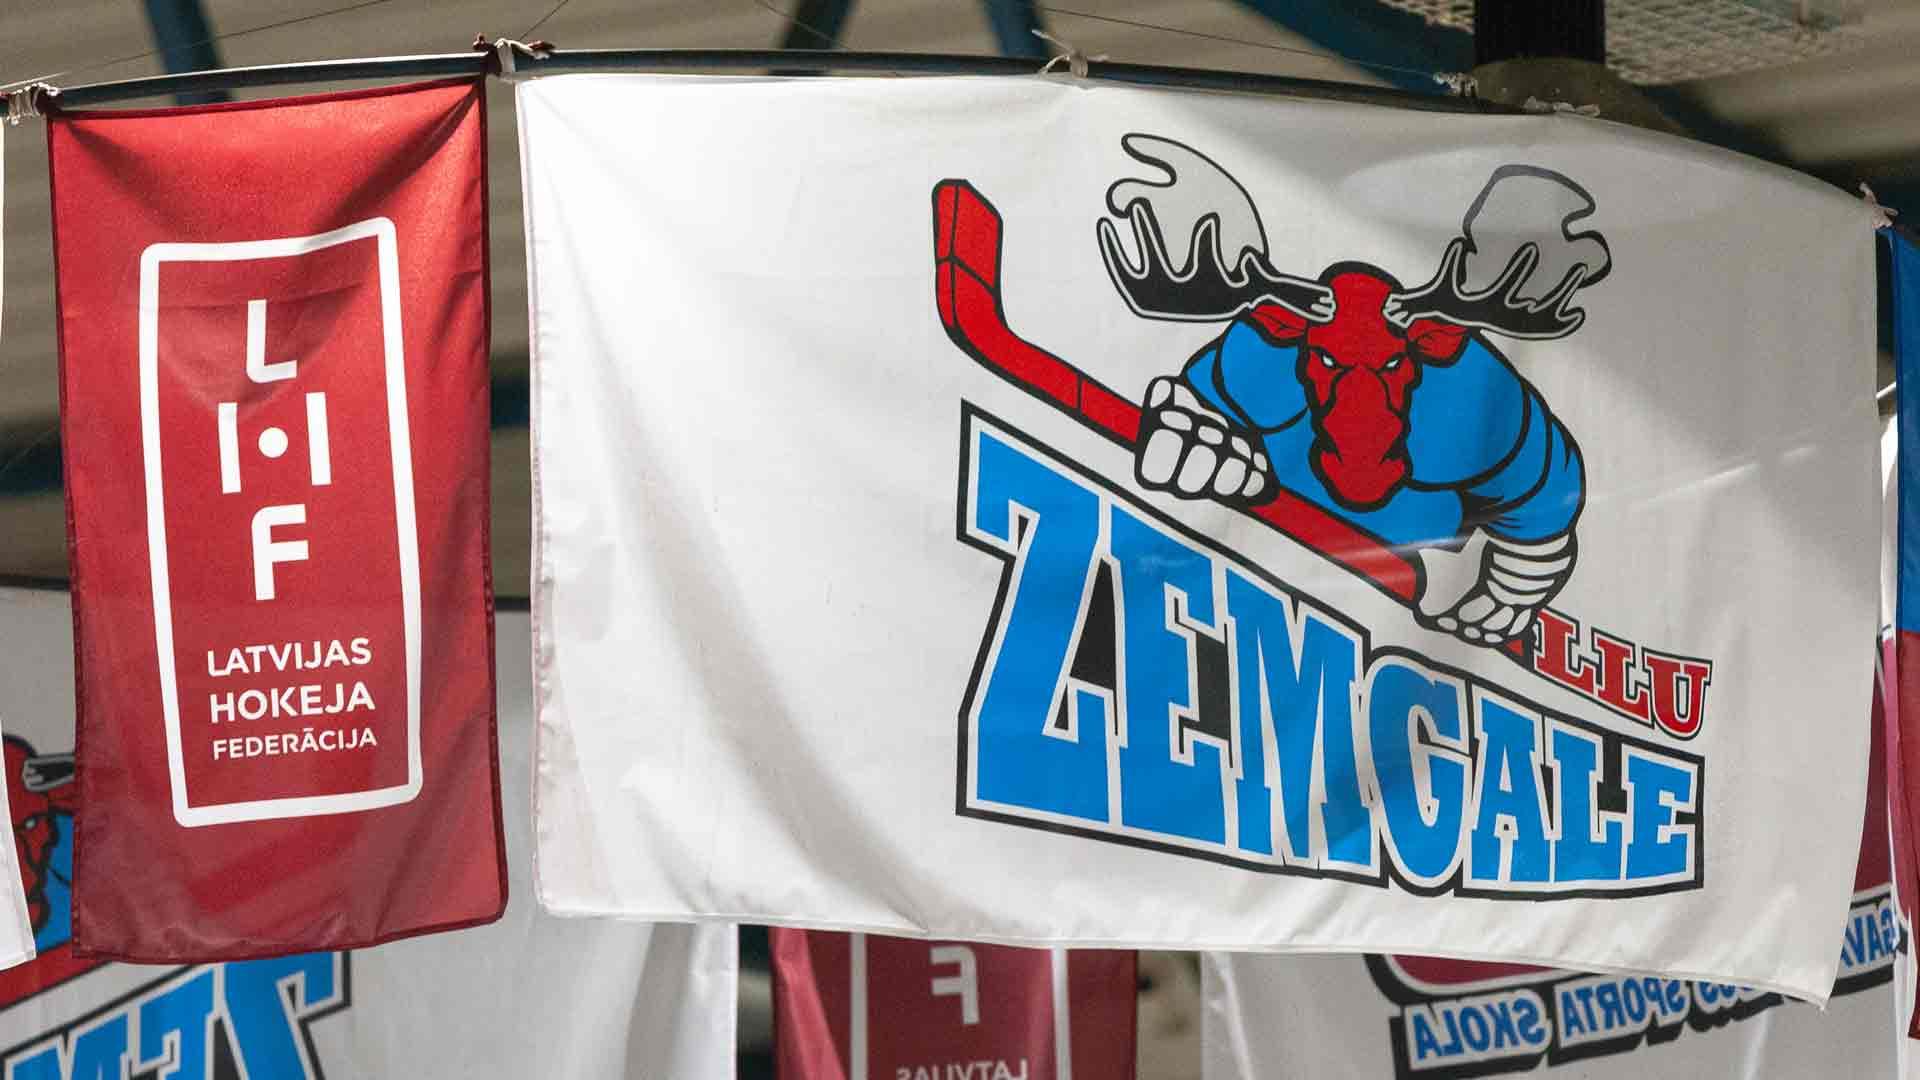 zemgale/llu karogs